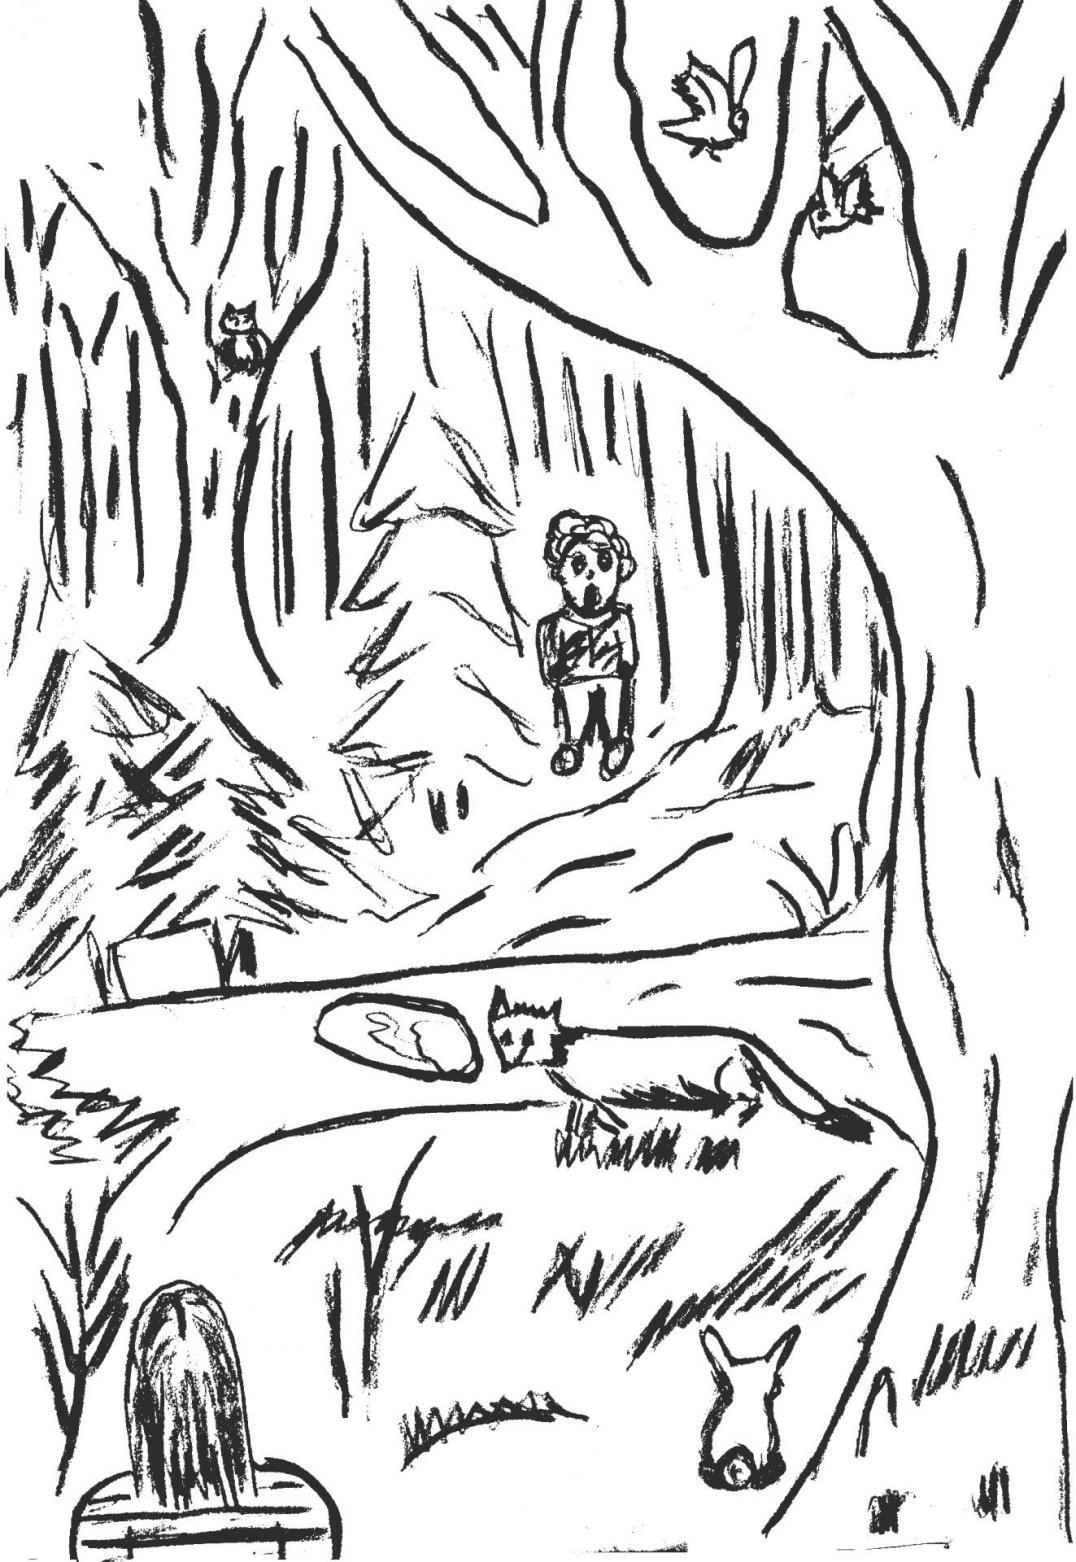 La rencontre de zac elodie et monsieur renard